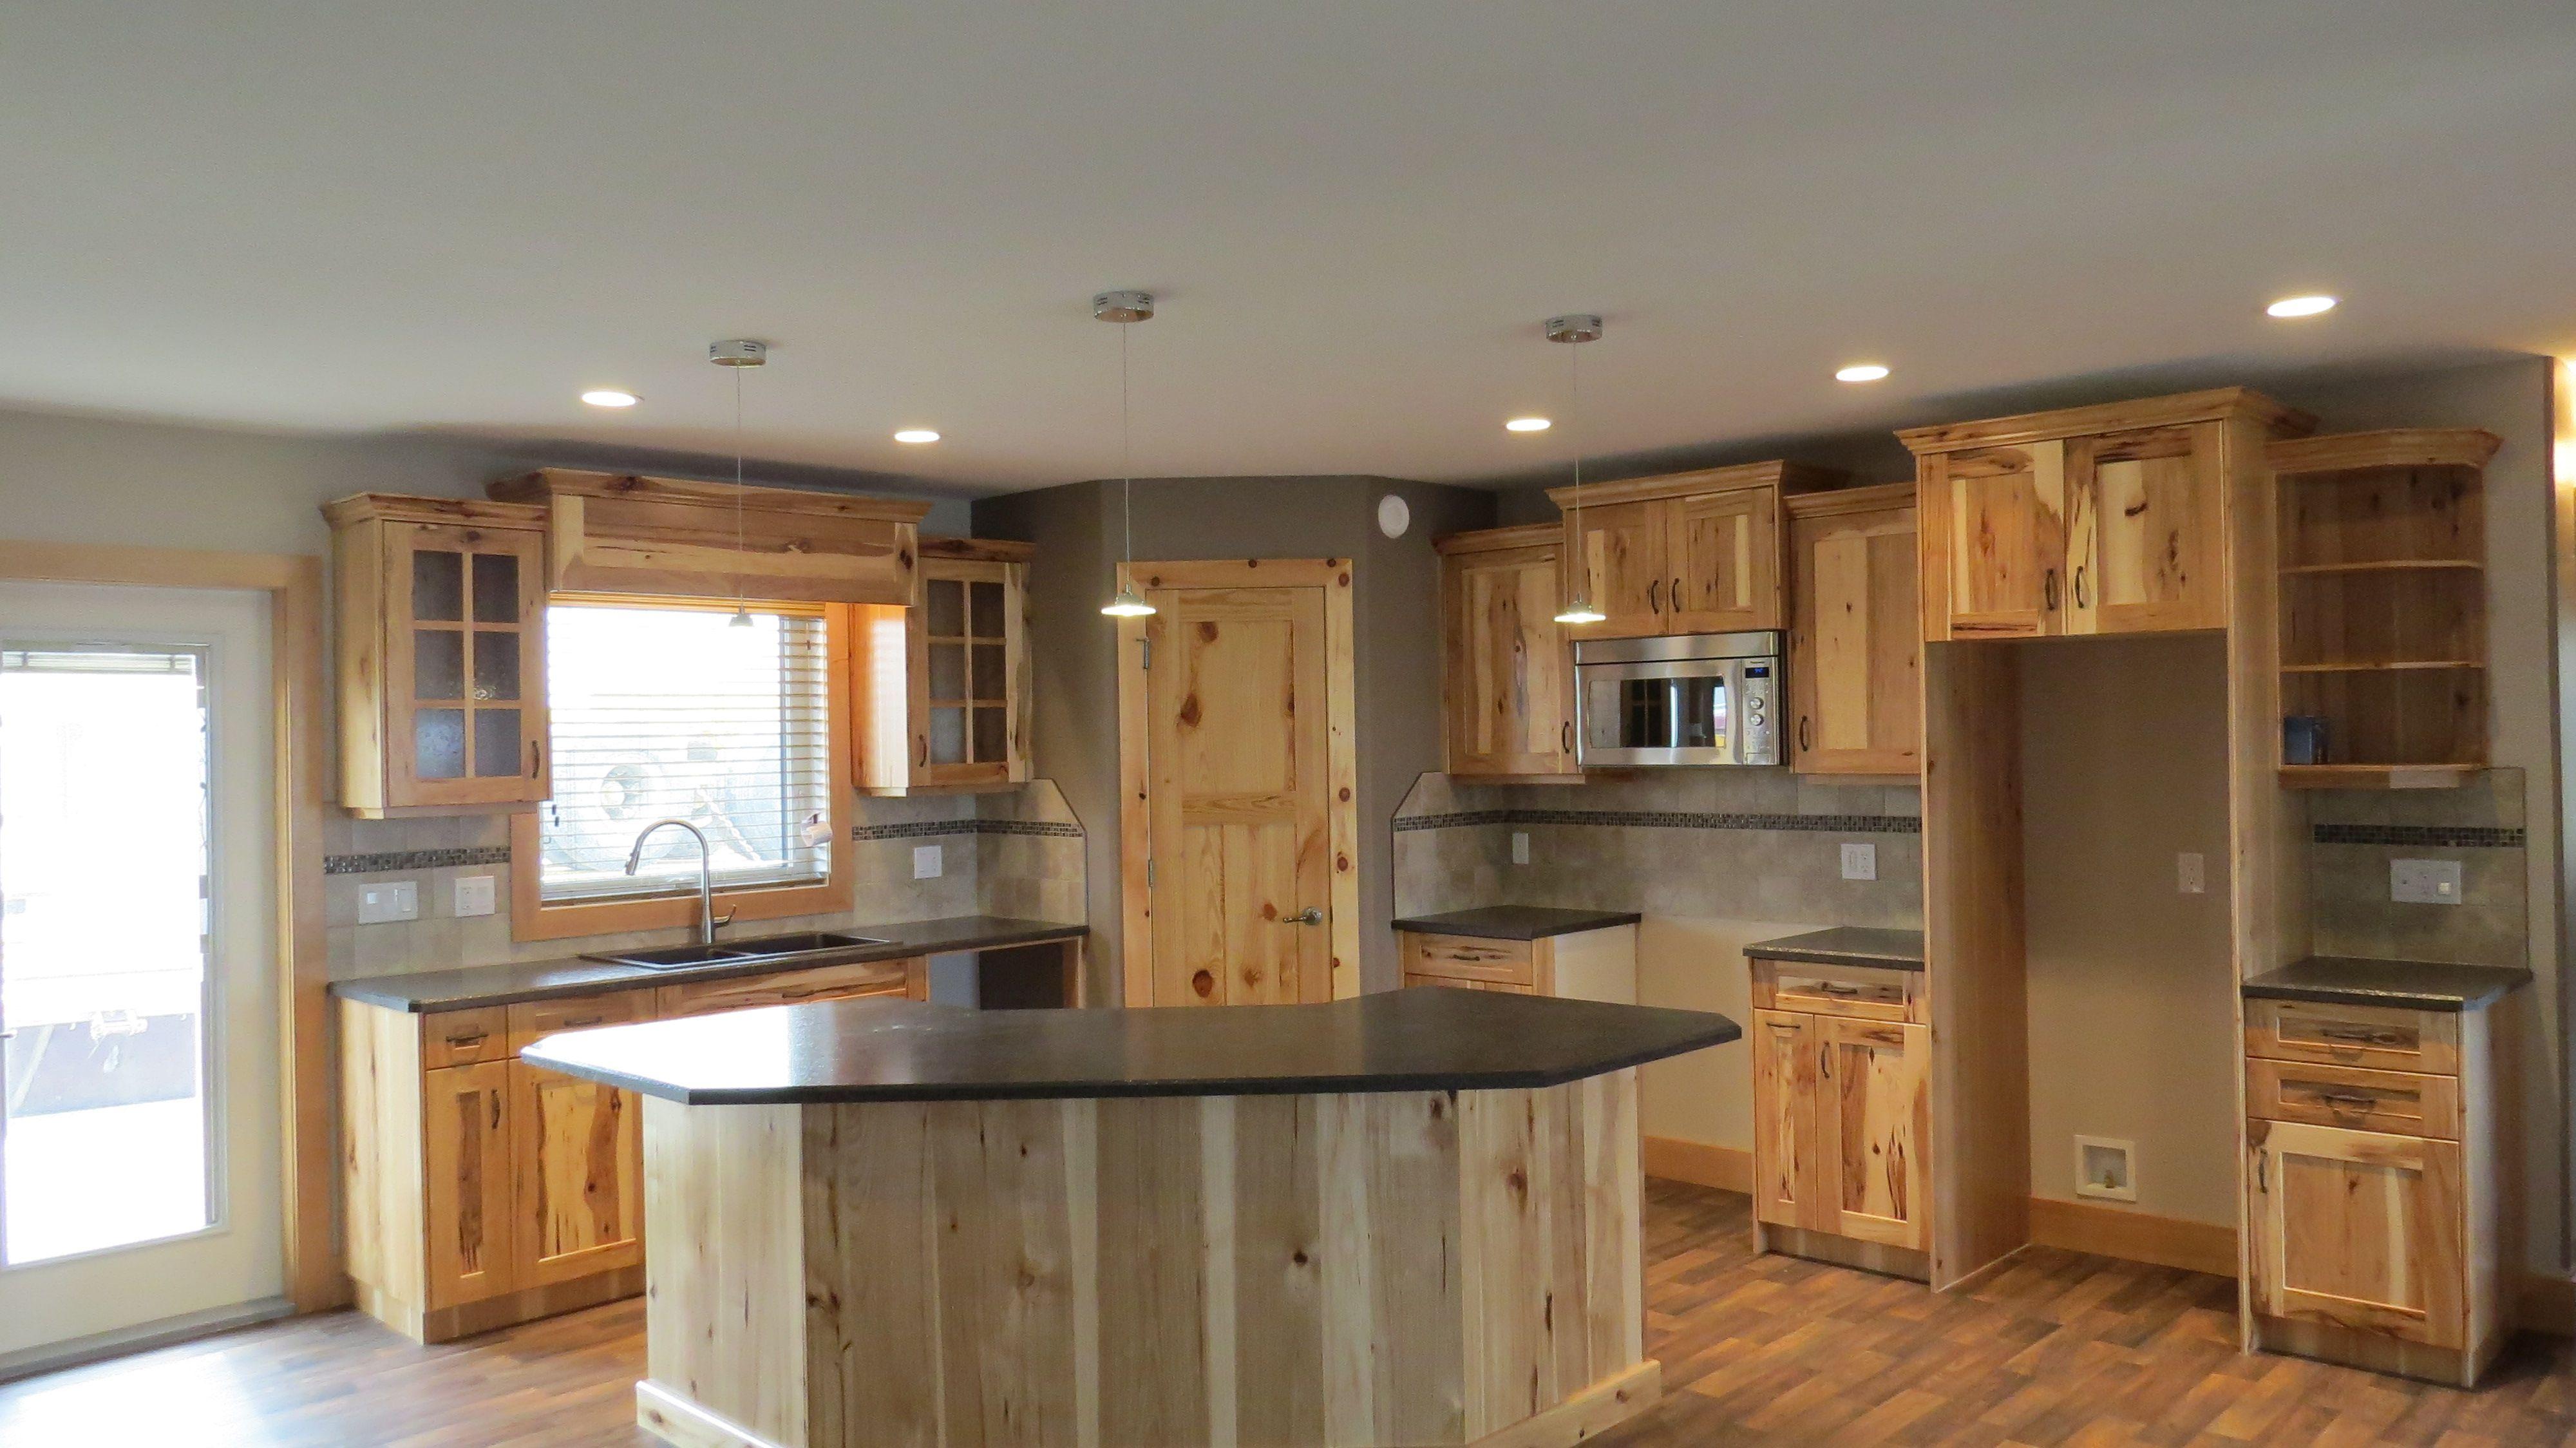 Knotty Alder Kitchen Cabinetry | Alder kitchen cabinets ...